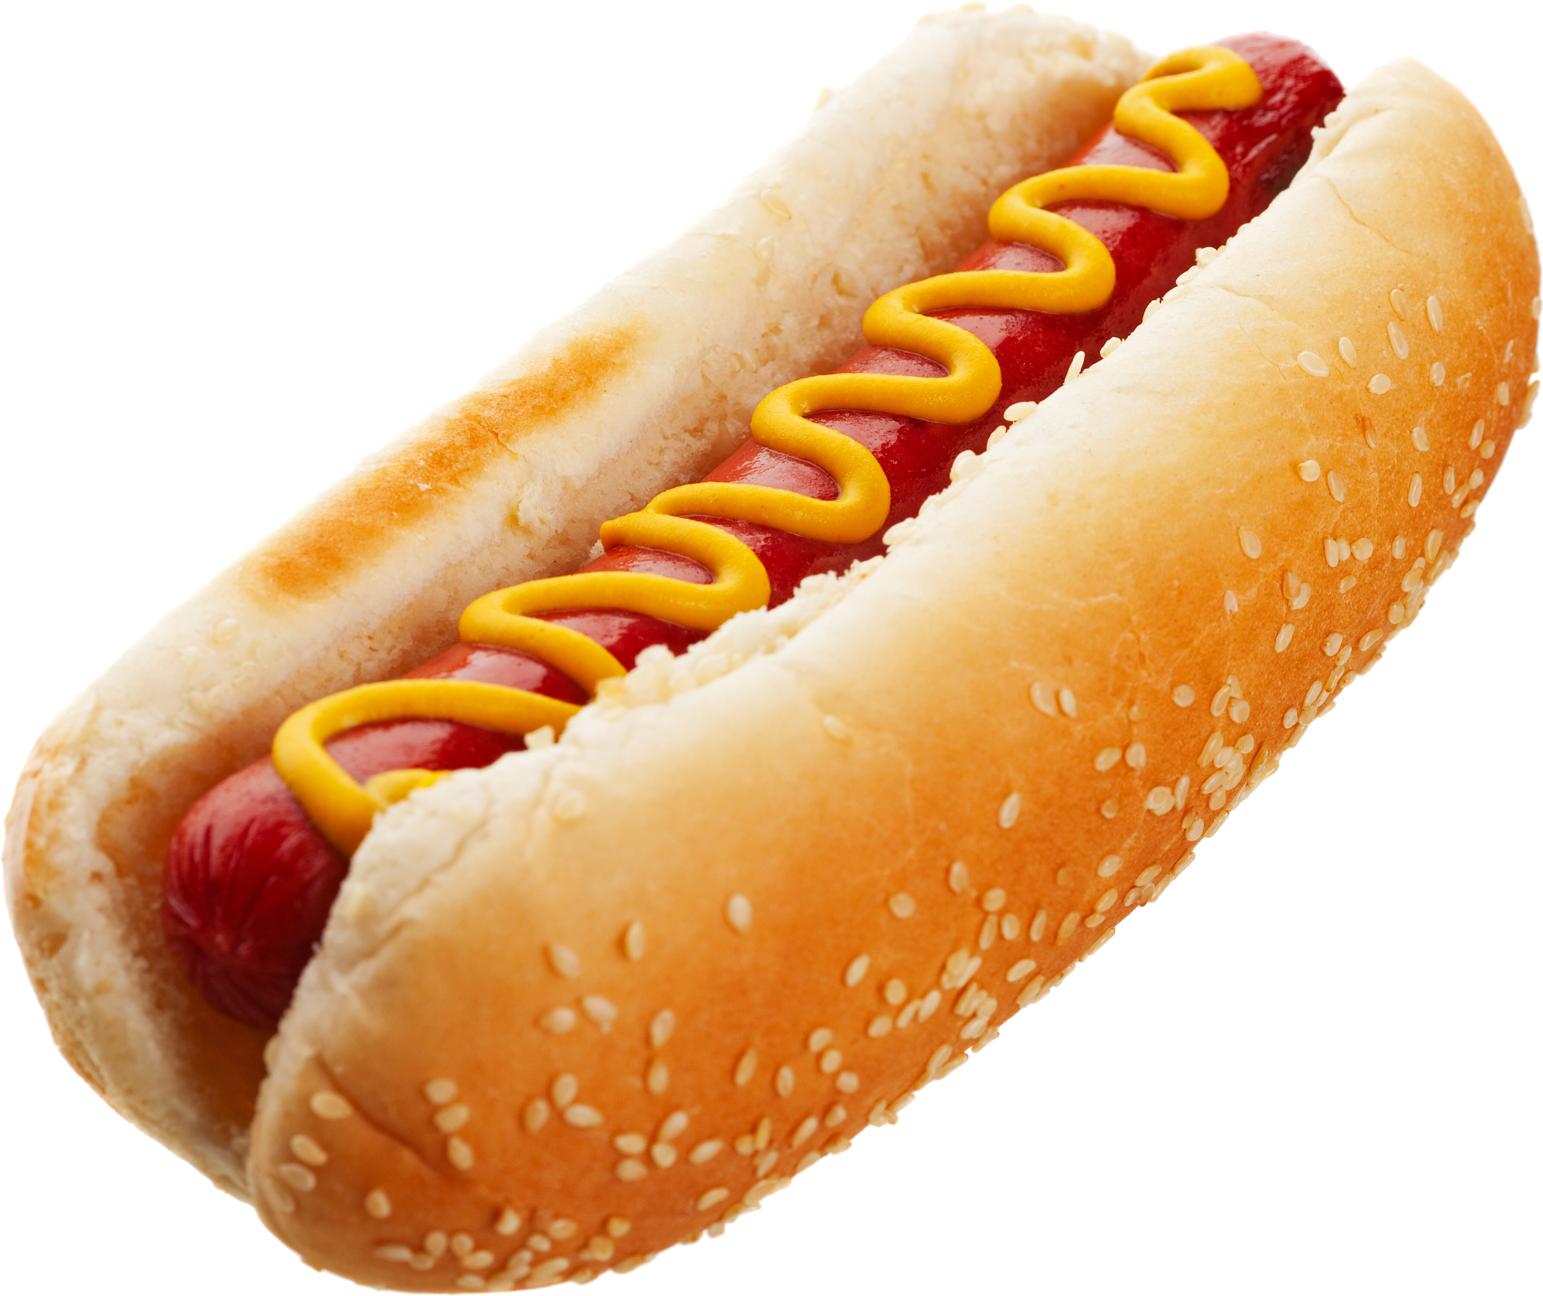 image transparent library Hotdog transparent. Png hot dog images